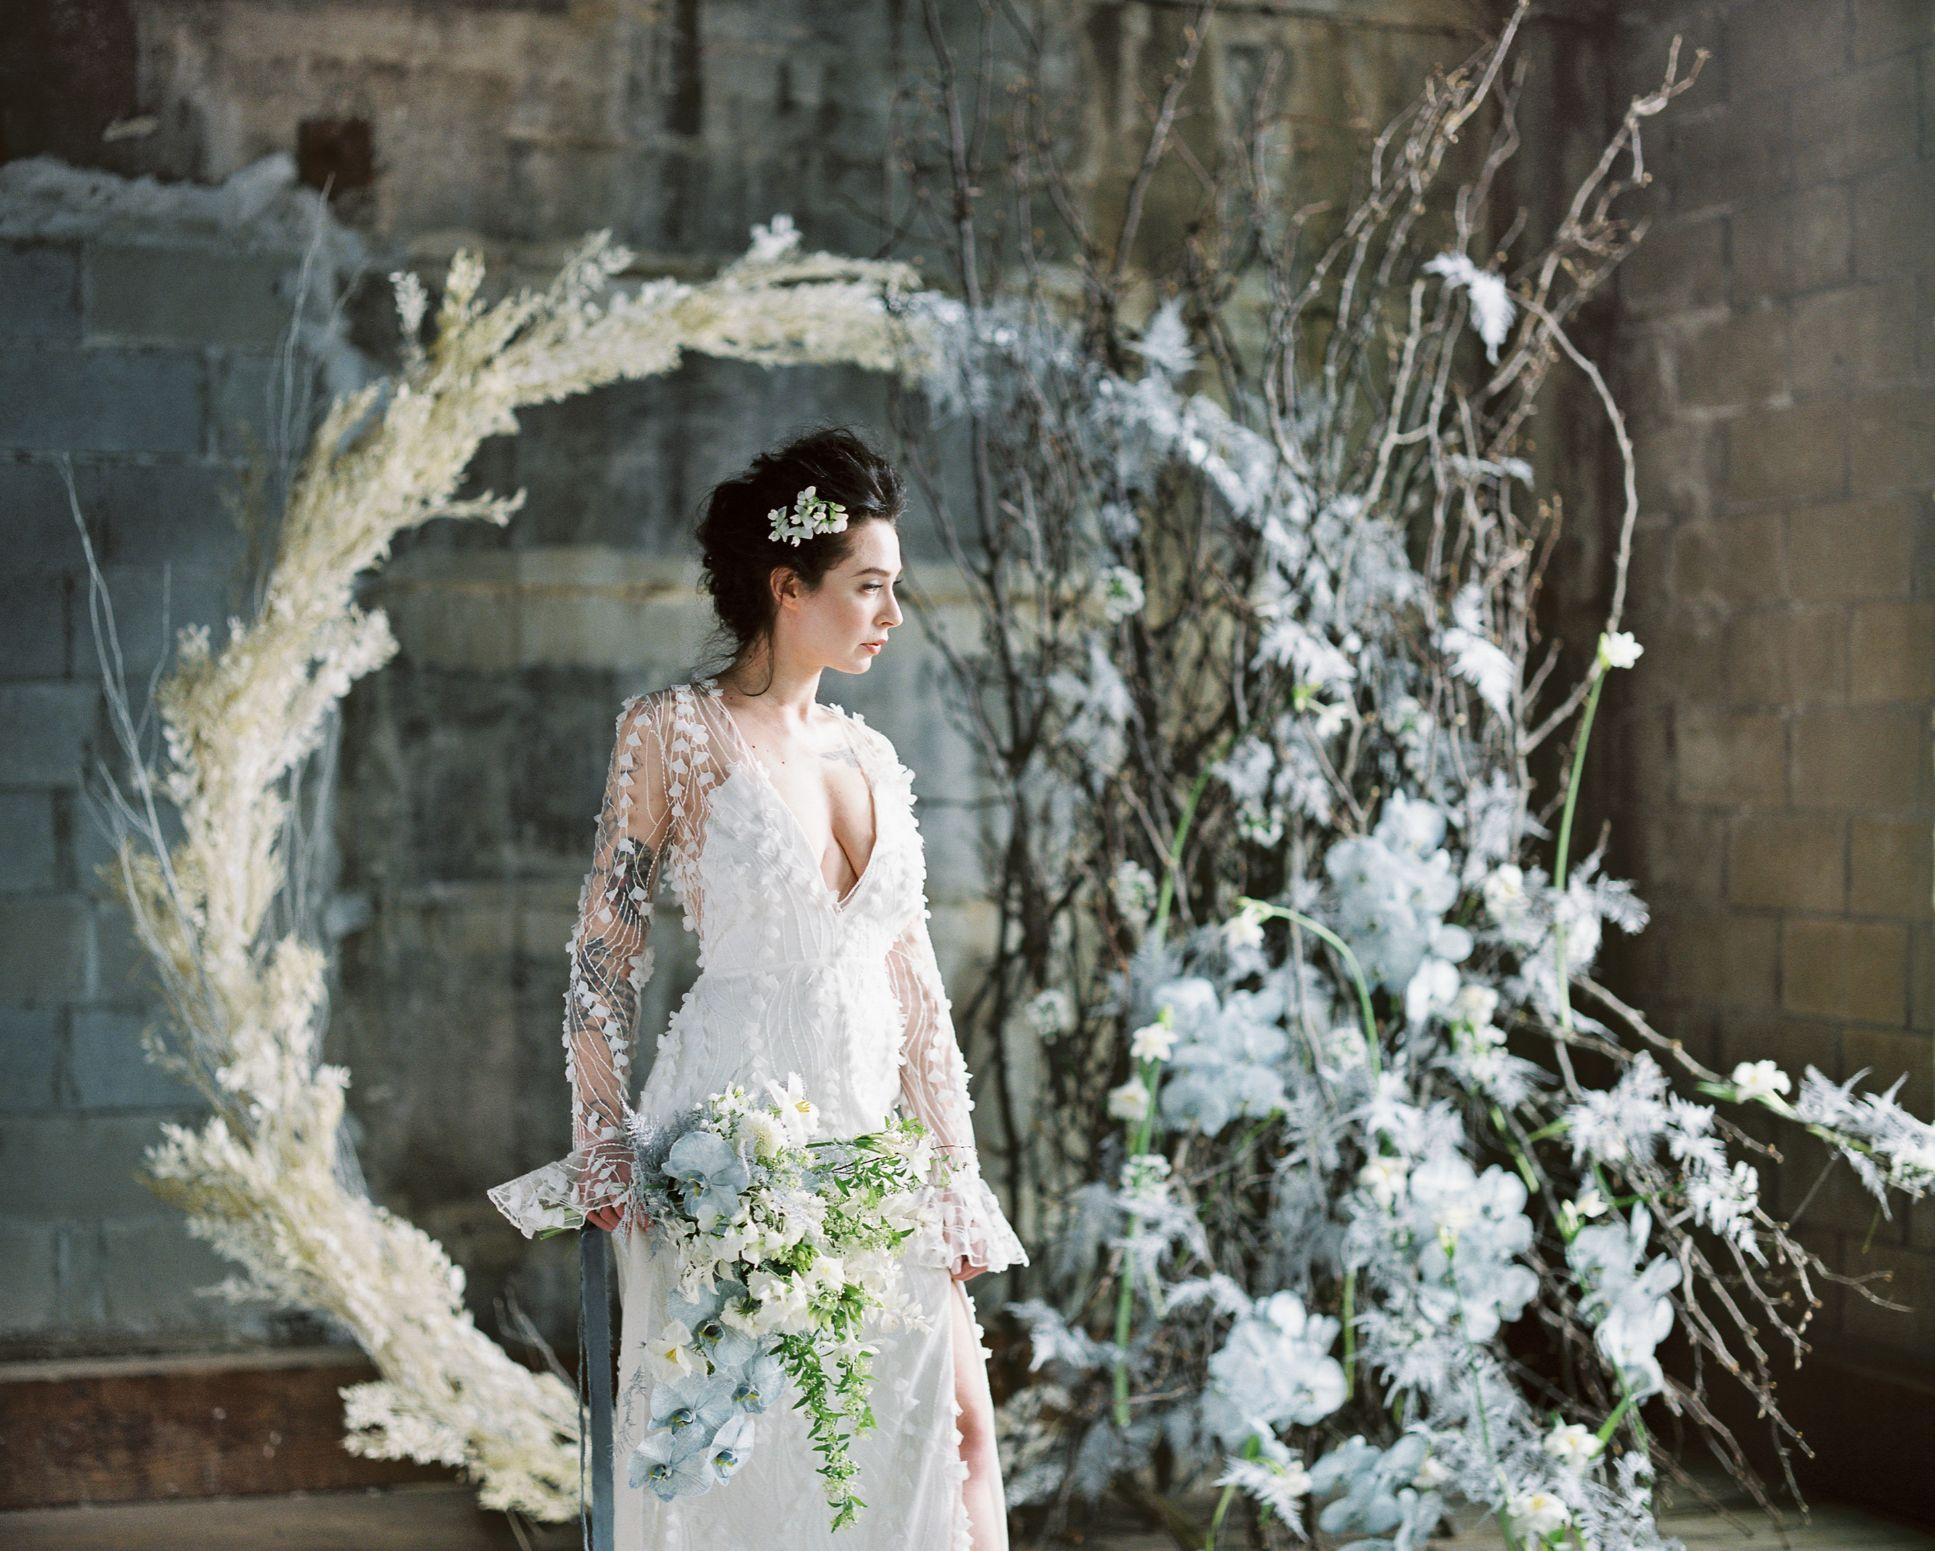 olio-peabody-boston-lesbian-wedding-style-daylynn-designs12 2.jpg